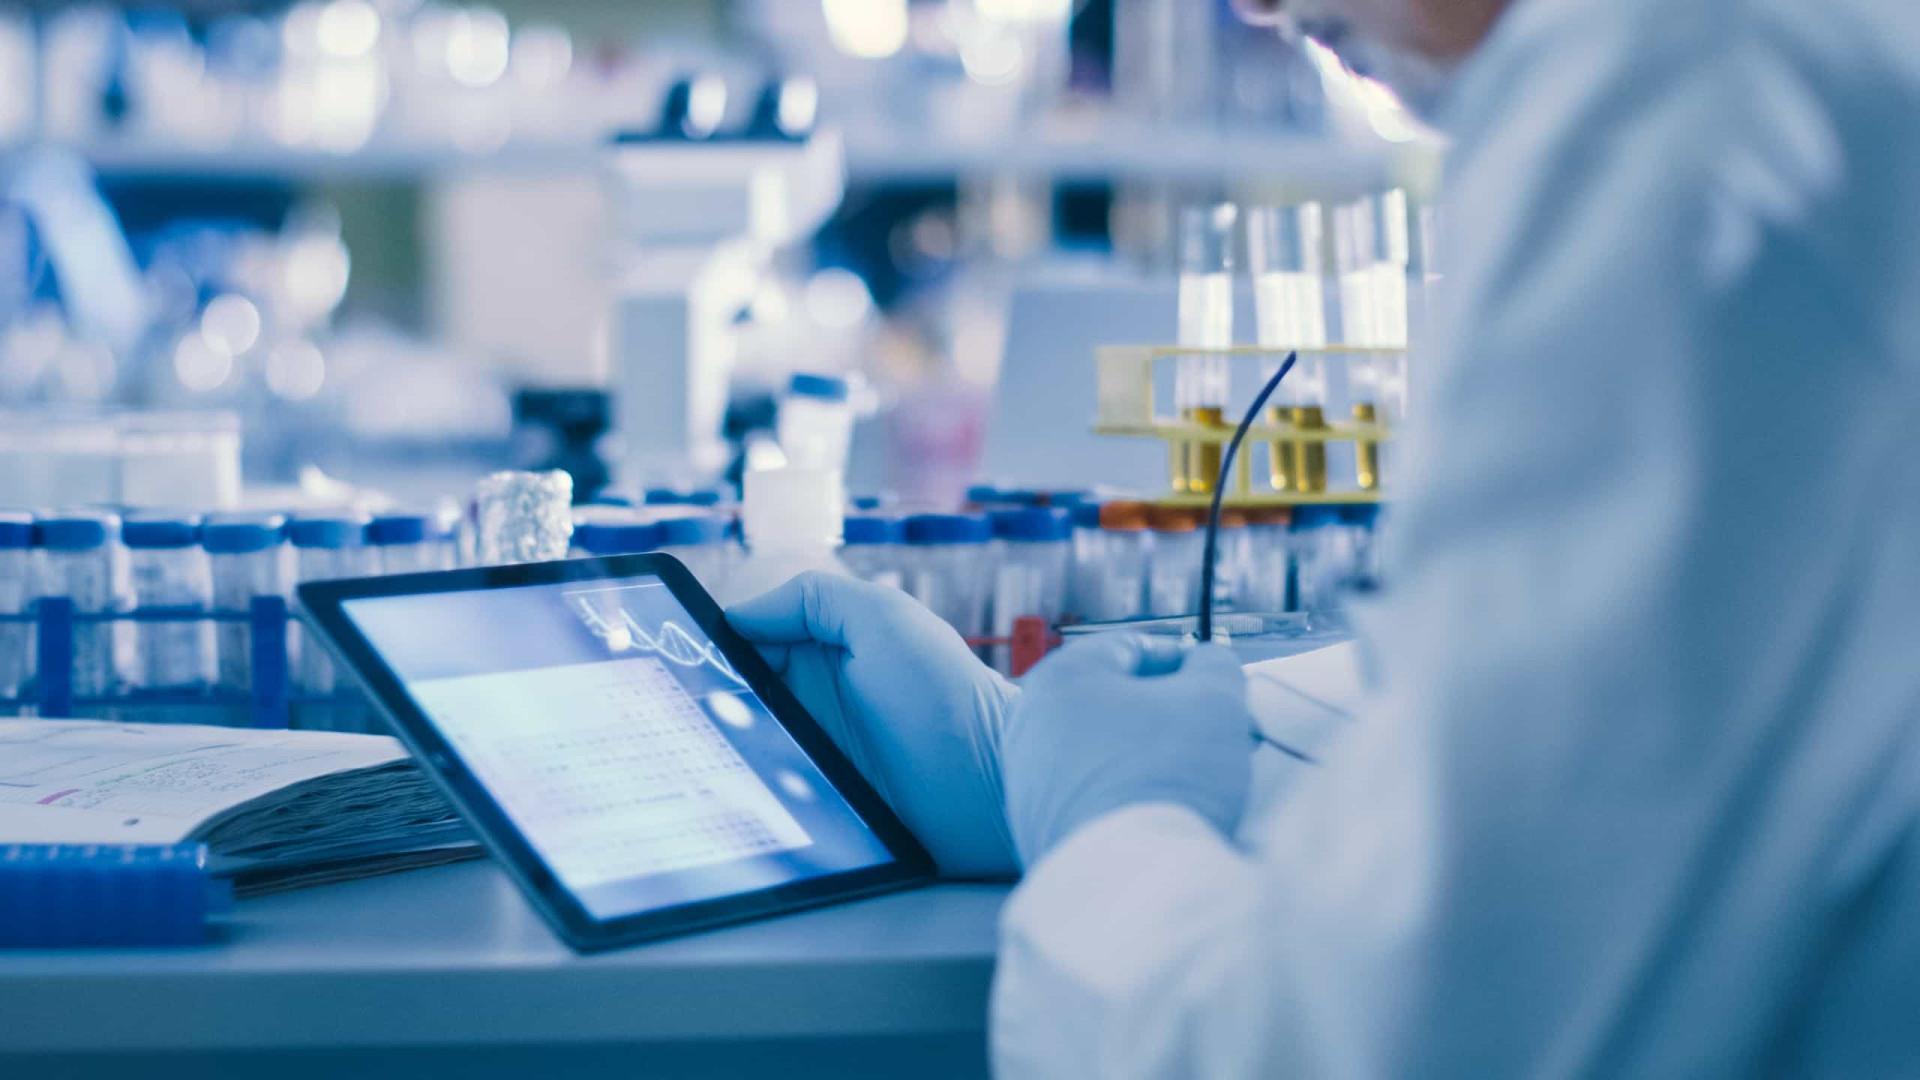 Brasileiro está entre em grupo da OMS que estudará origem do novo coronavírus